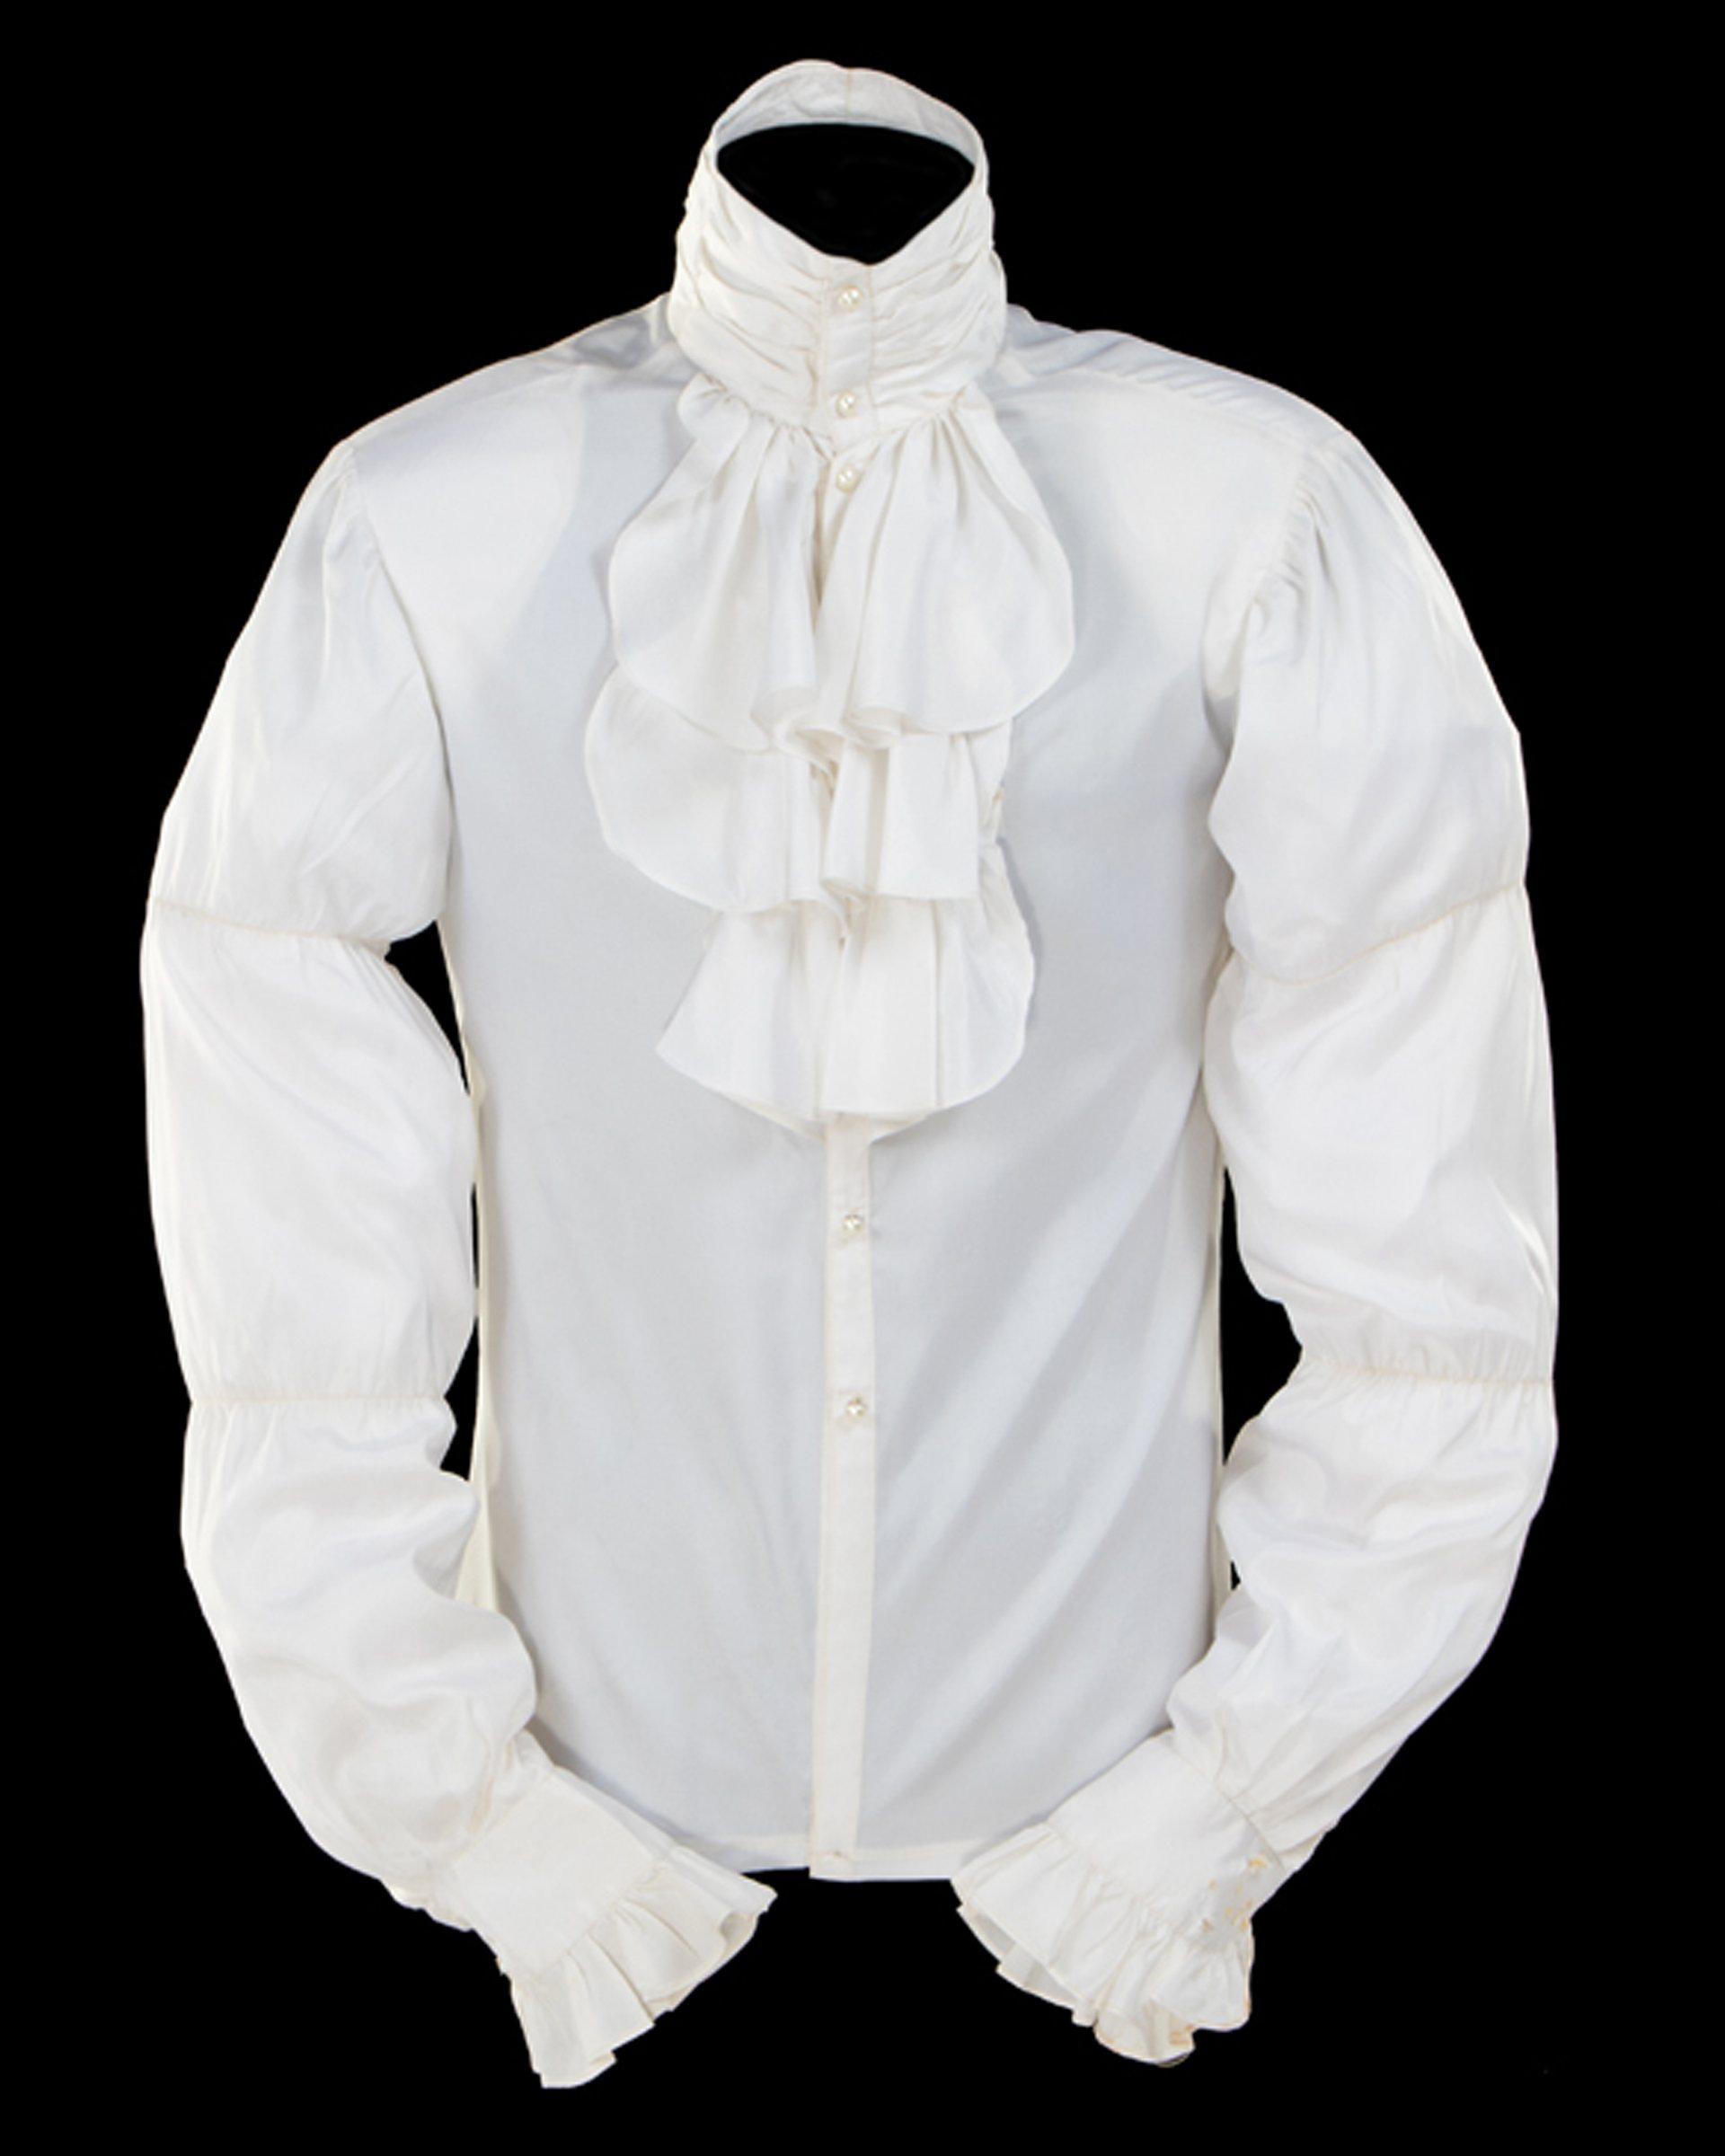 La camisa de Prince | Profiles in History